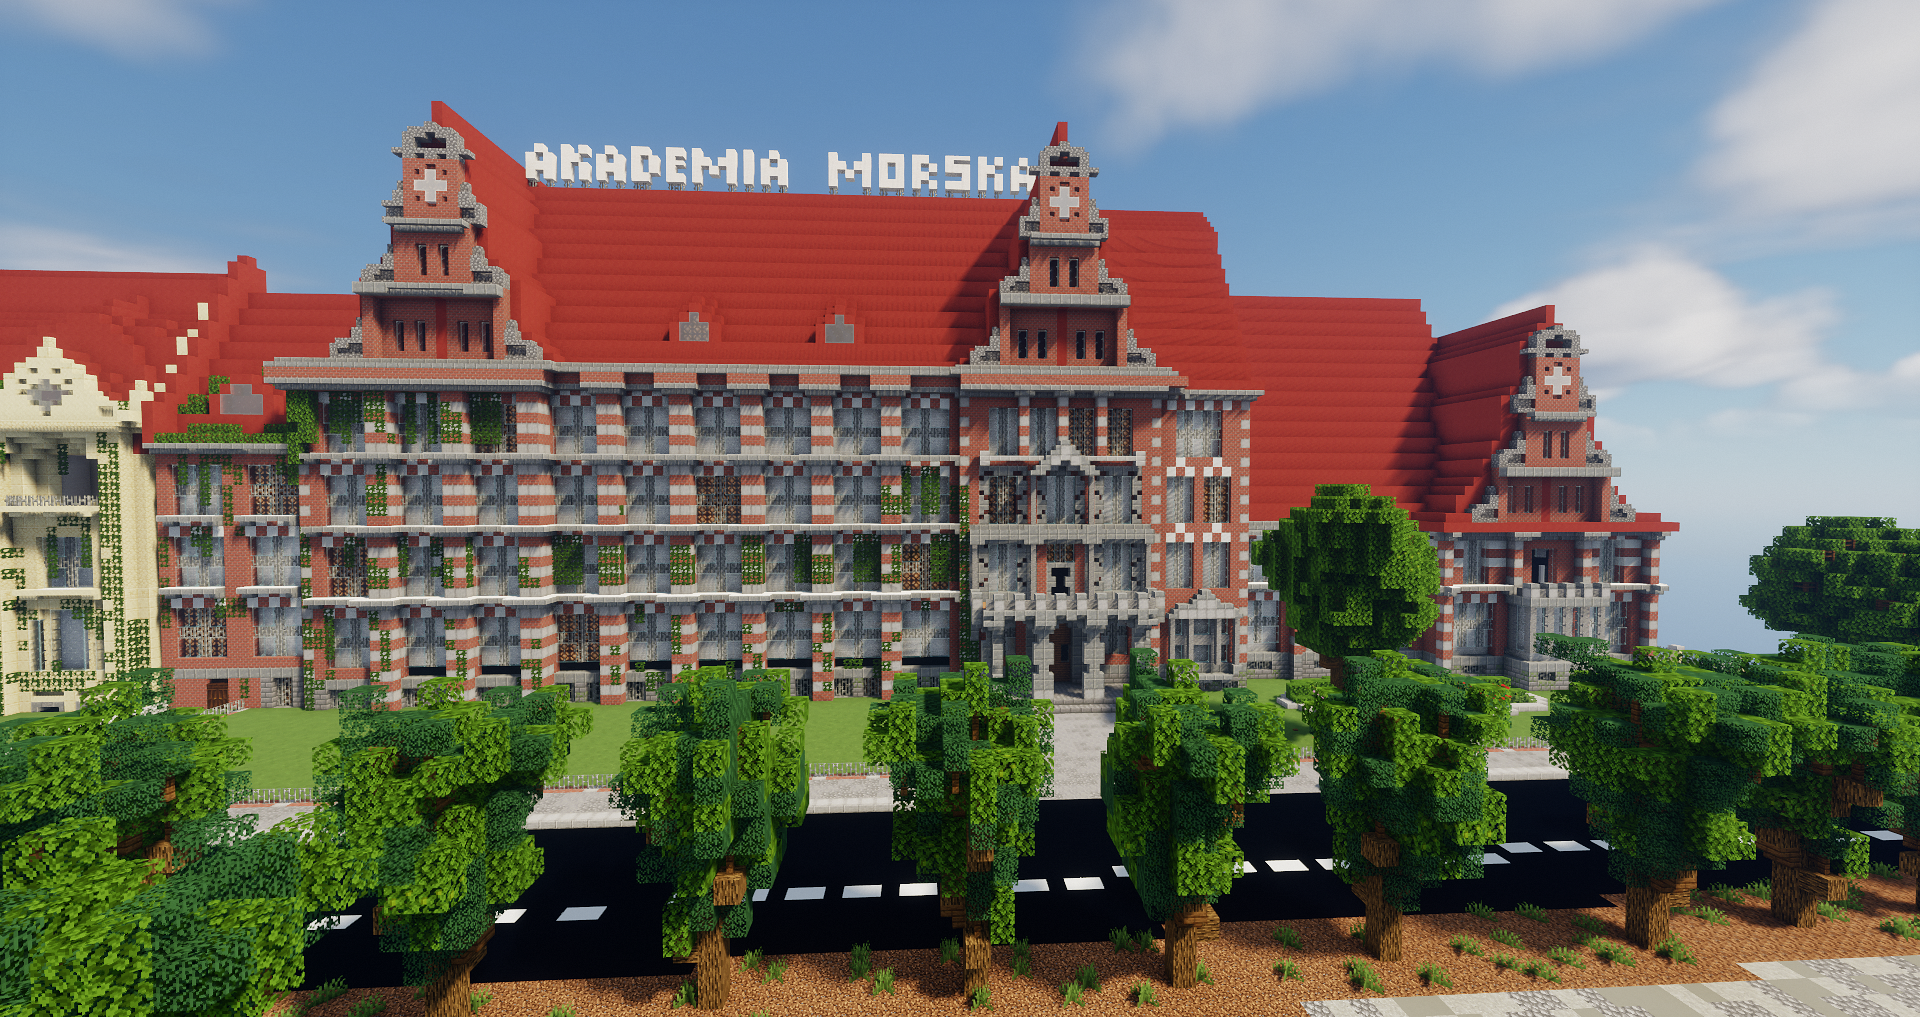 Szczecin 2020 Projekt Minecraft Igor Wierzchowiec wywiad